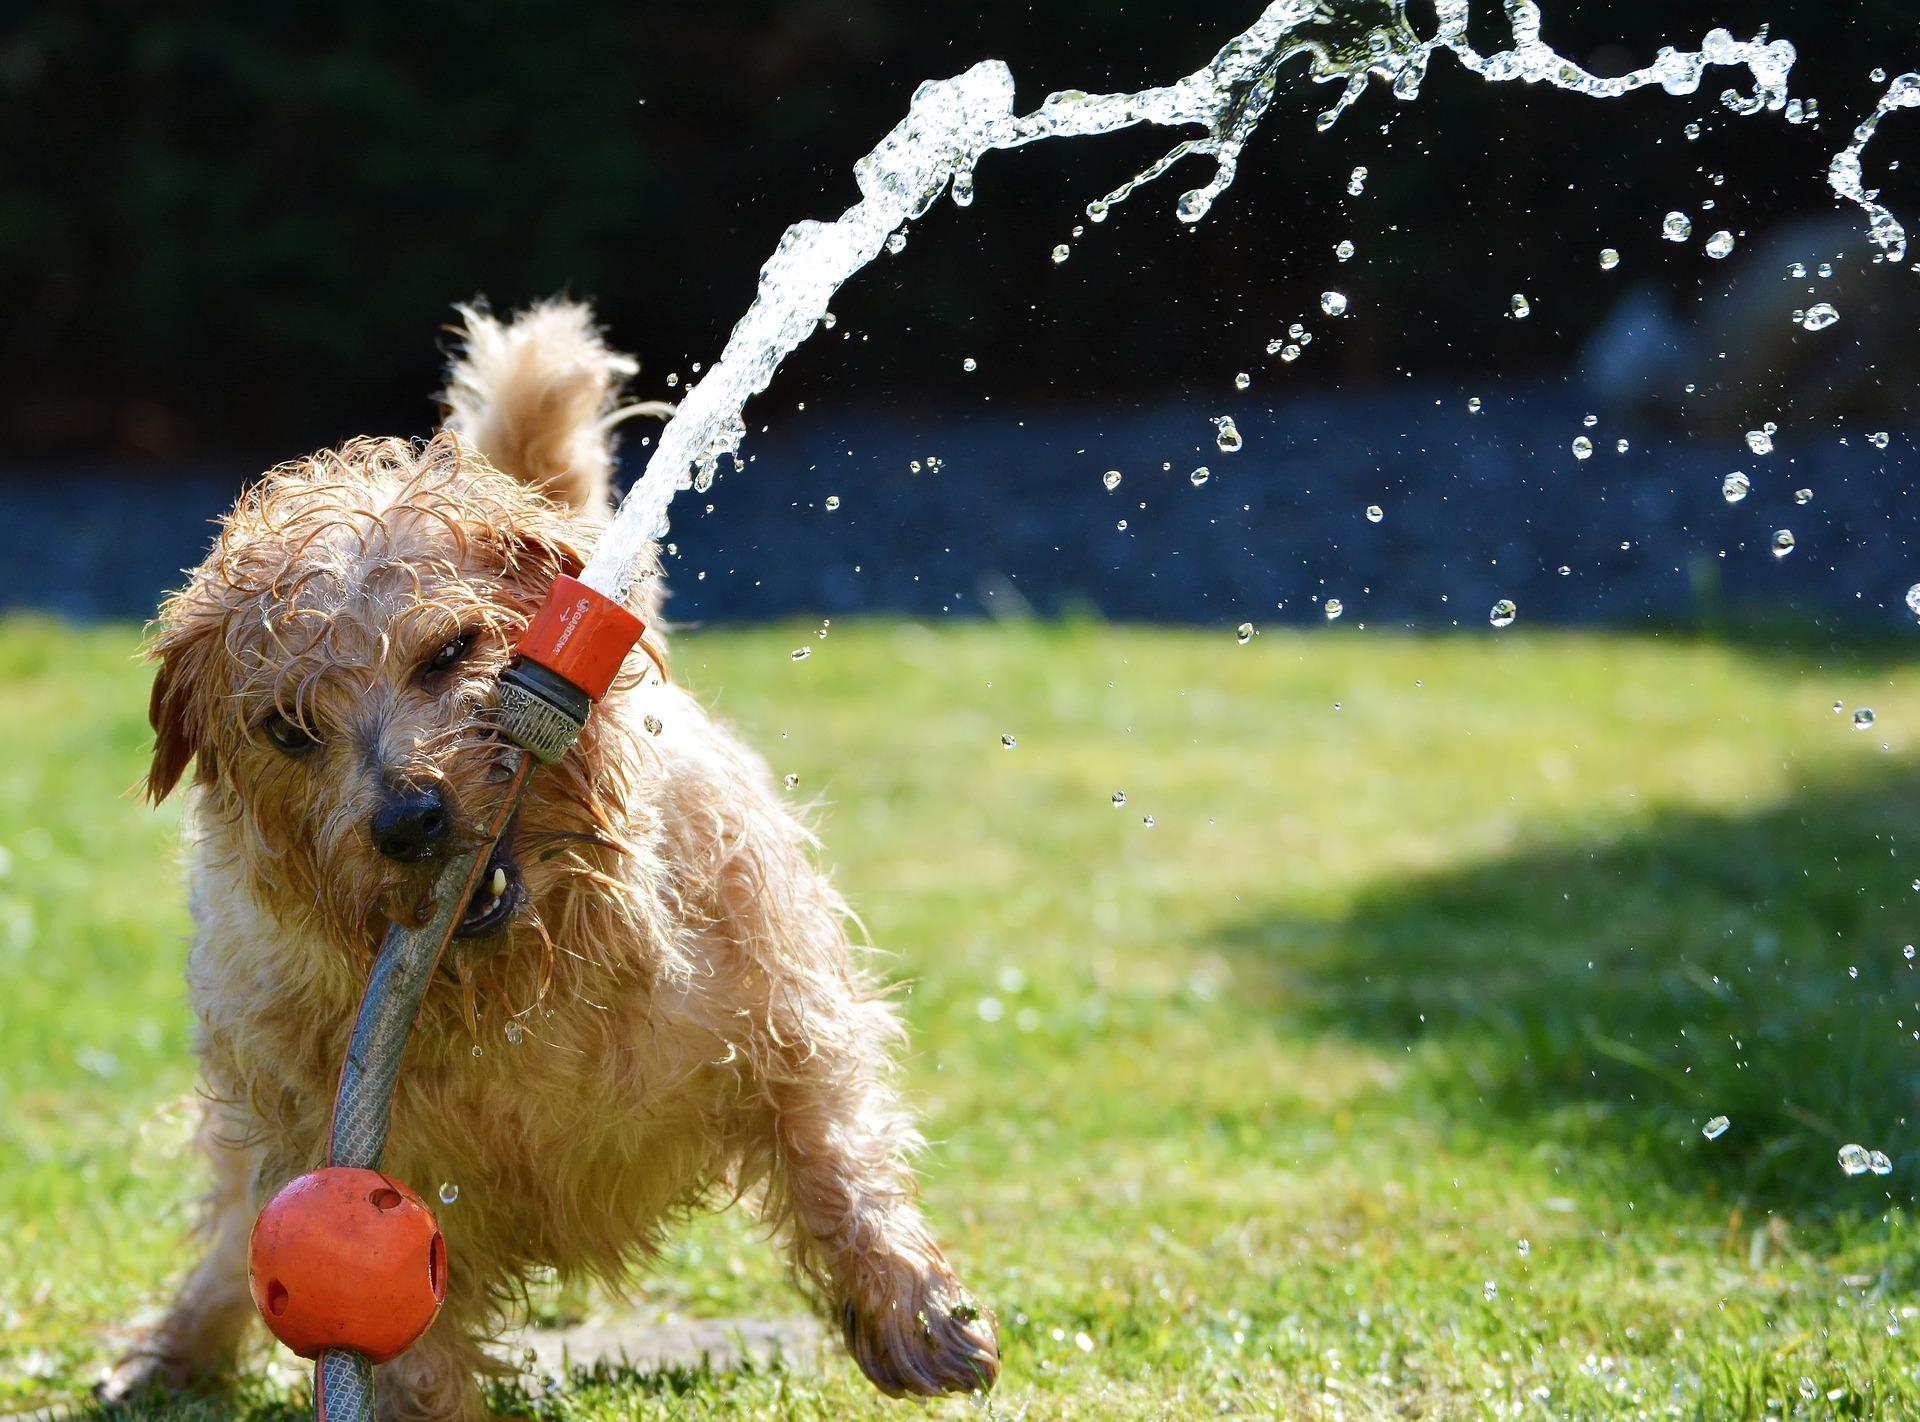 Um cachorro mordendo uma mangueira de jardim